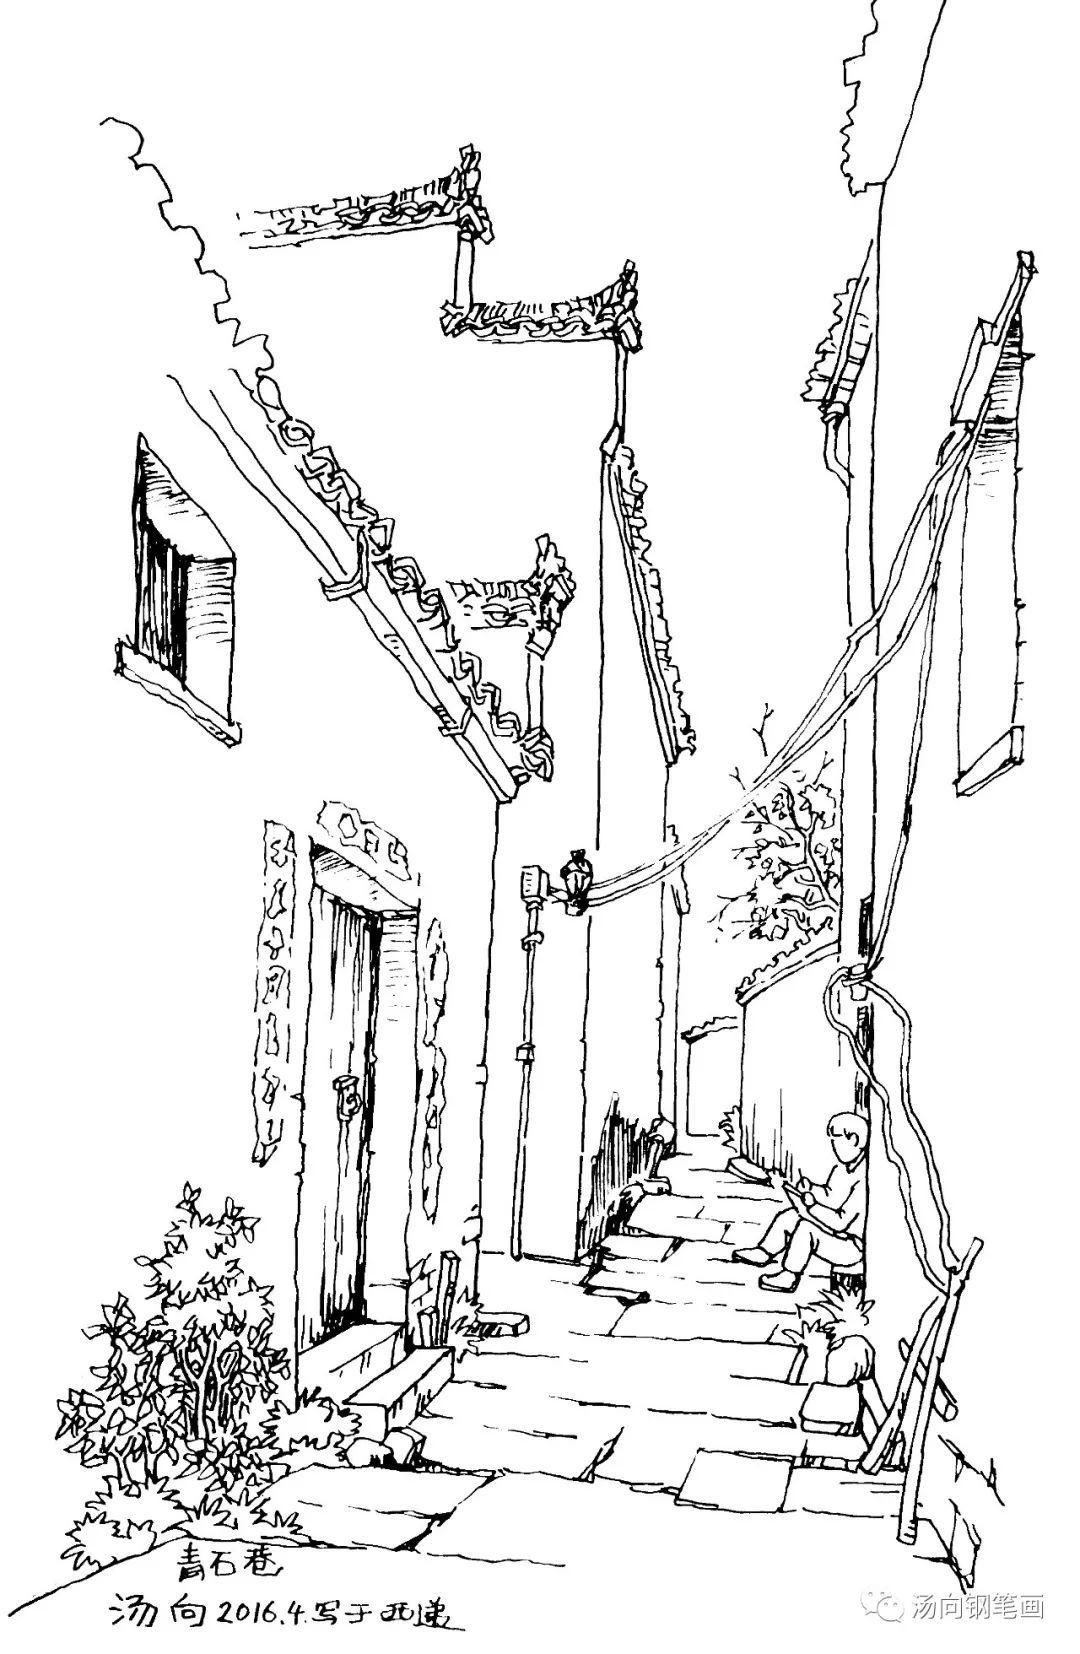 入门宝典104 钢笔画和素描 速写是什么关系